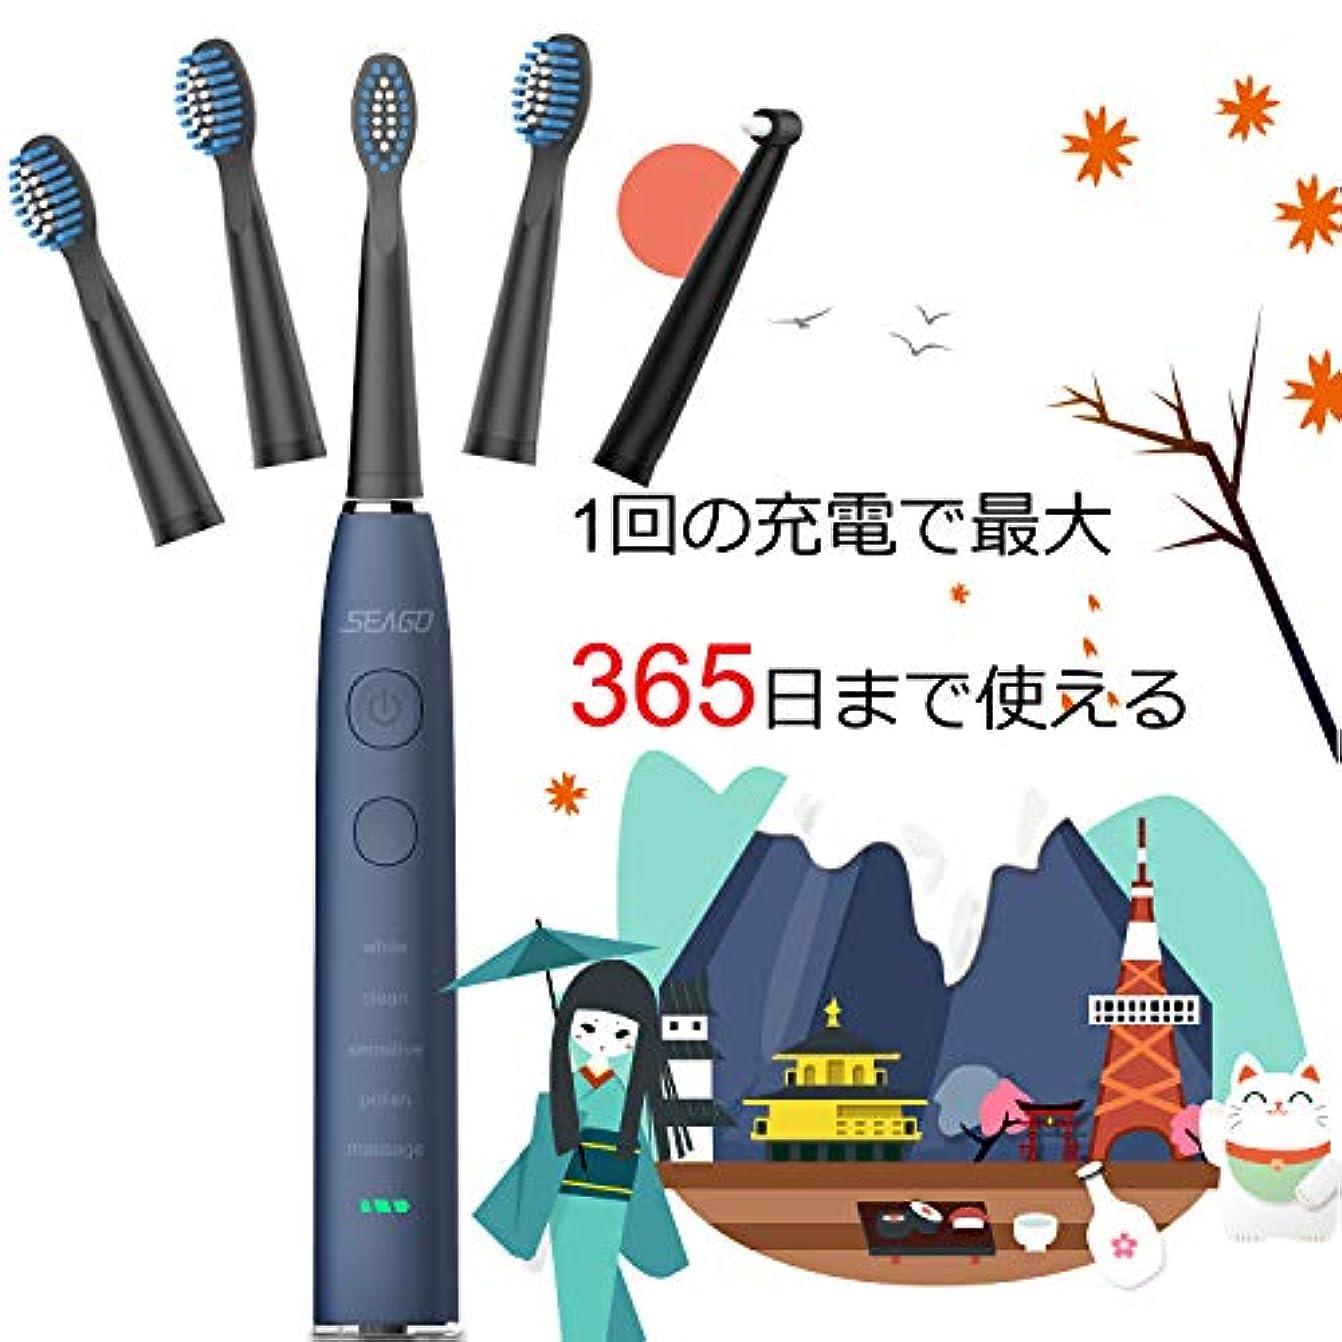 ストレスの多いノーブルチーフ電動歯ブラシ 歯ブラシ seago 音波歯ブラシ USB充電式8時間 365日に使用 IPX7防水 五つモードと2分オートタイマー機能搭載 替えブラシ5本 12ヶ月メーカー保証 SG-575(ブルー)